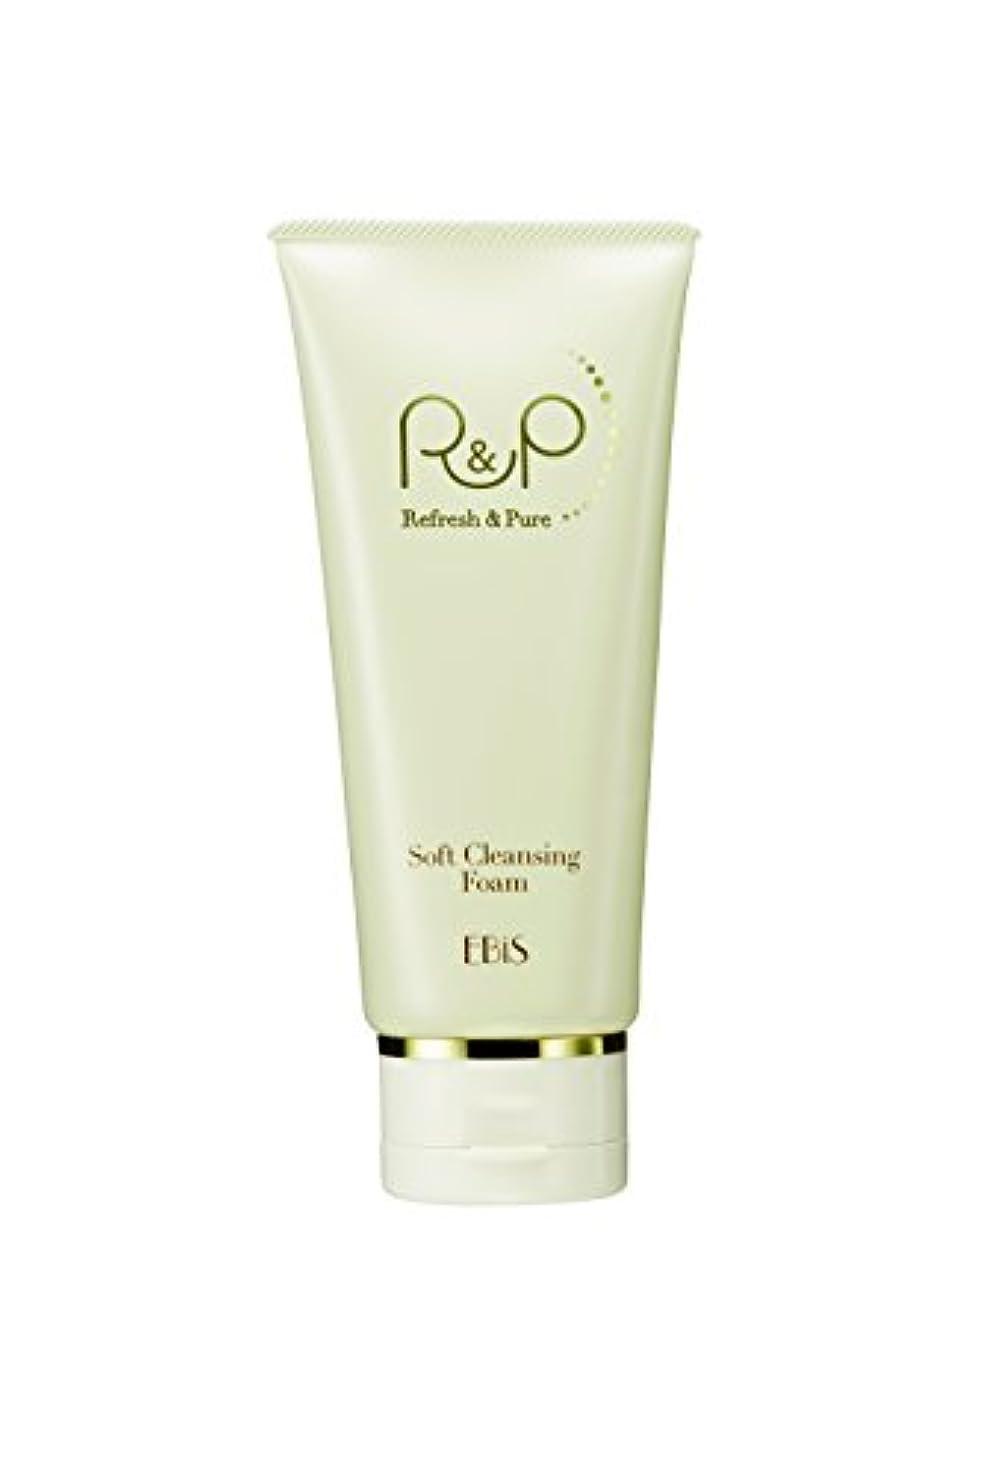 揃えるさておきアジア人エビス化粧品(EBiS) R&Pソフトクレンジングフォーム100g 泥洗顔 洗顔フォーム 高級クレイ使用 ノンアルコール